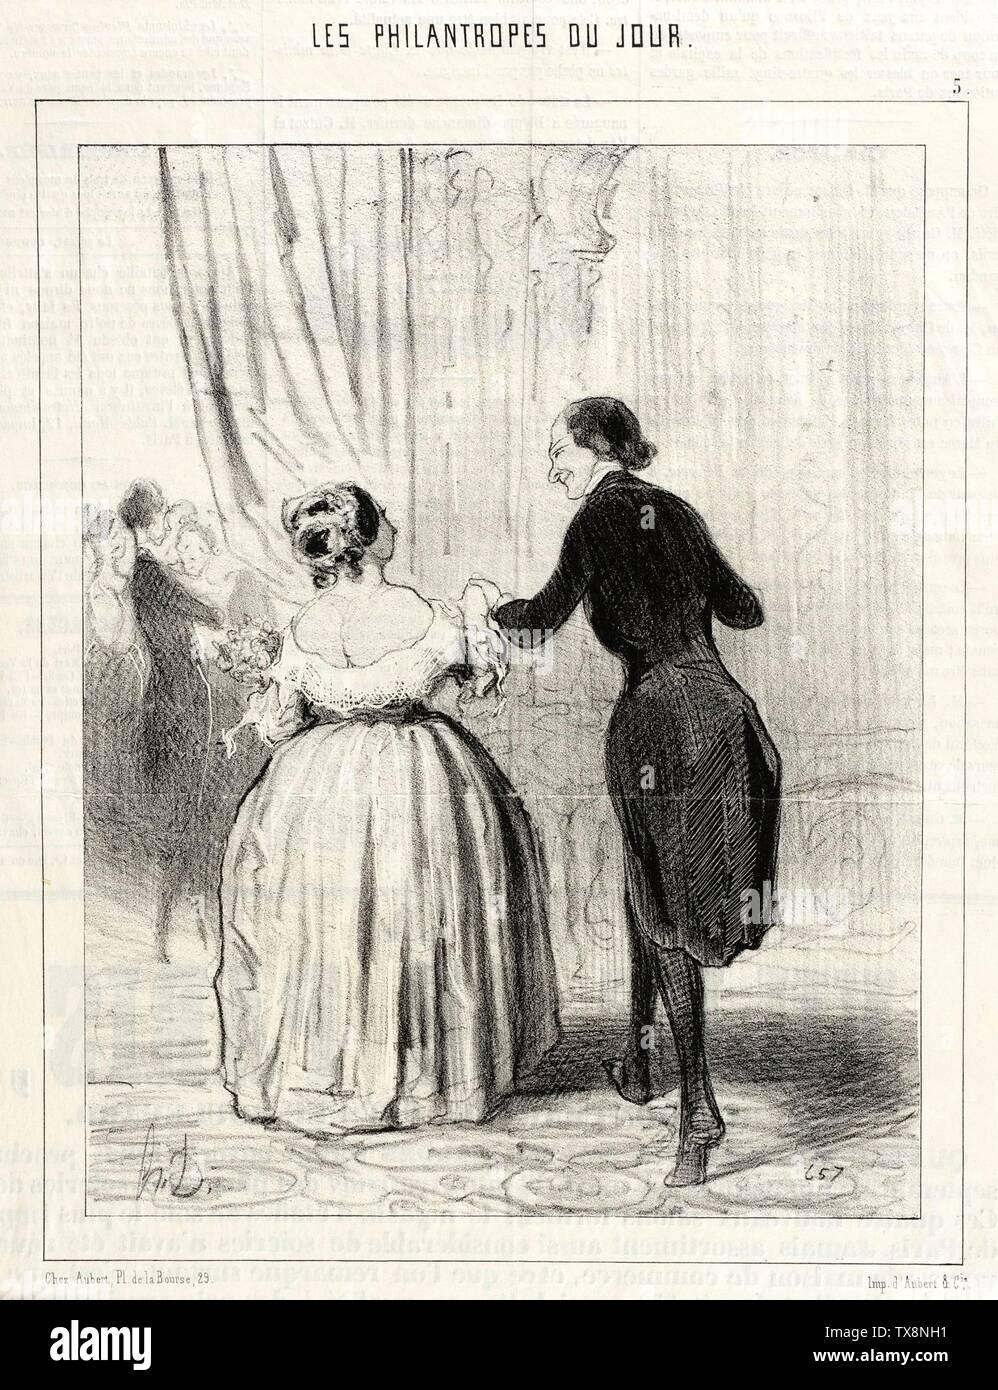 'Madame... ce n'est pas assez que d'avoir dansé au benéfice de ces pauvres Polonais...; English:  France, 1844 Series: Les Philantropes du jour, plate 5 Periodical: Le Charivari, 27 September 1844 Prints; lithographs Lithograph Sheet: 8 5/8 x 6 13/16 in. (21.91 x 17.3 cm) Gift of Norman and Leona Terry (AC1993.2.2) Prints and Drawings; 1844date QS:P571,+1844-00-00T00:00:00Z/9; ' - Stock Image